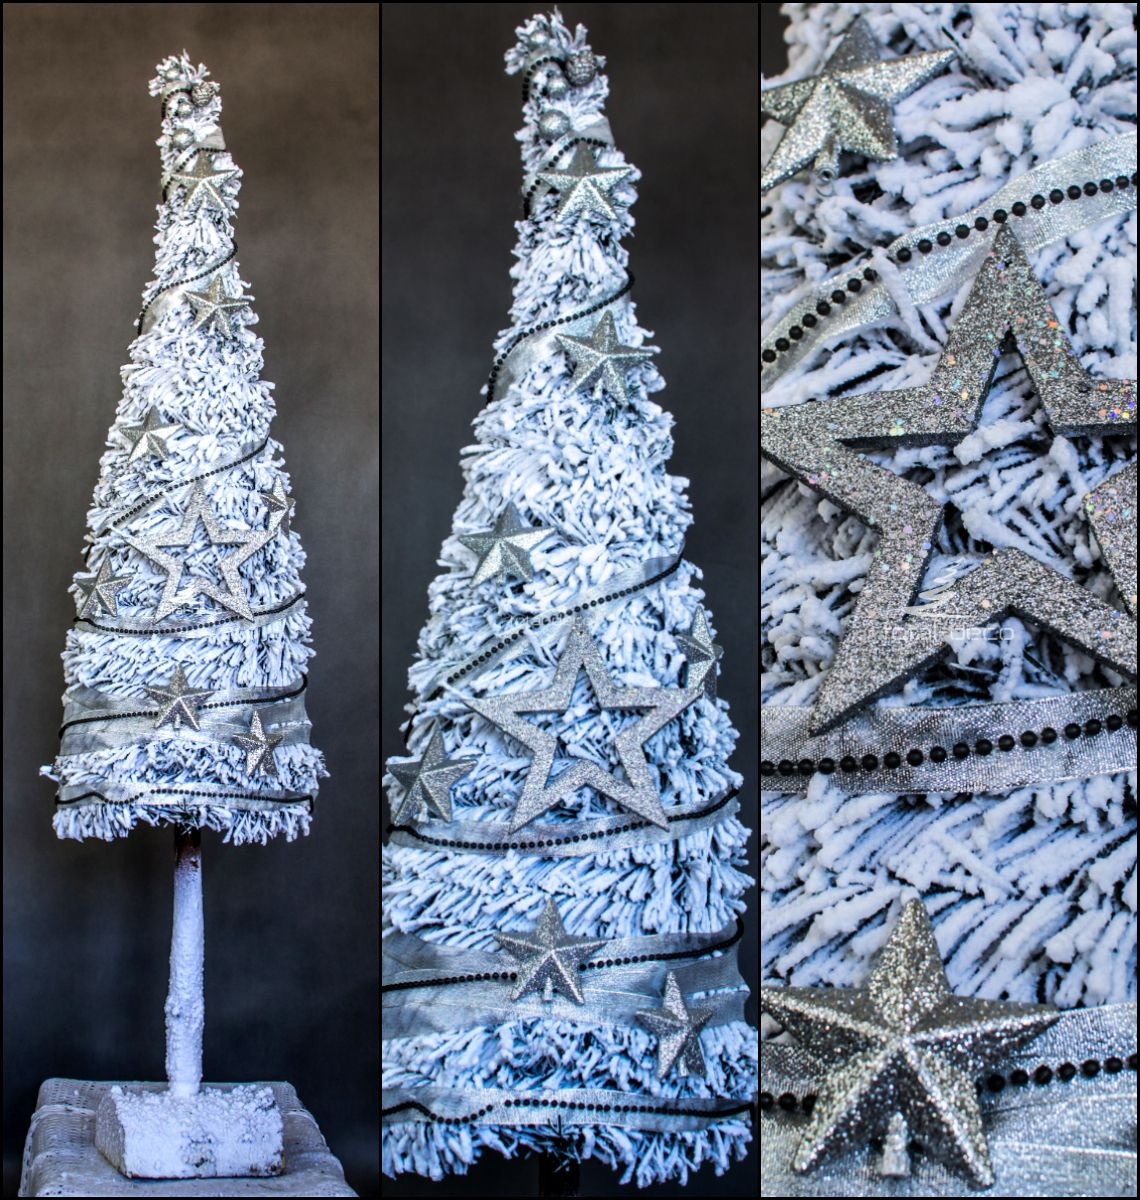 Rustykalna Dekoracja Choinki Czyli Drzewko Swiateczne W Stylu Vintage Oraz Naturalne Big Christmas Tree Christmas Decorations Rustic Tree Rustic Christmas Tree